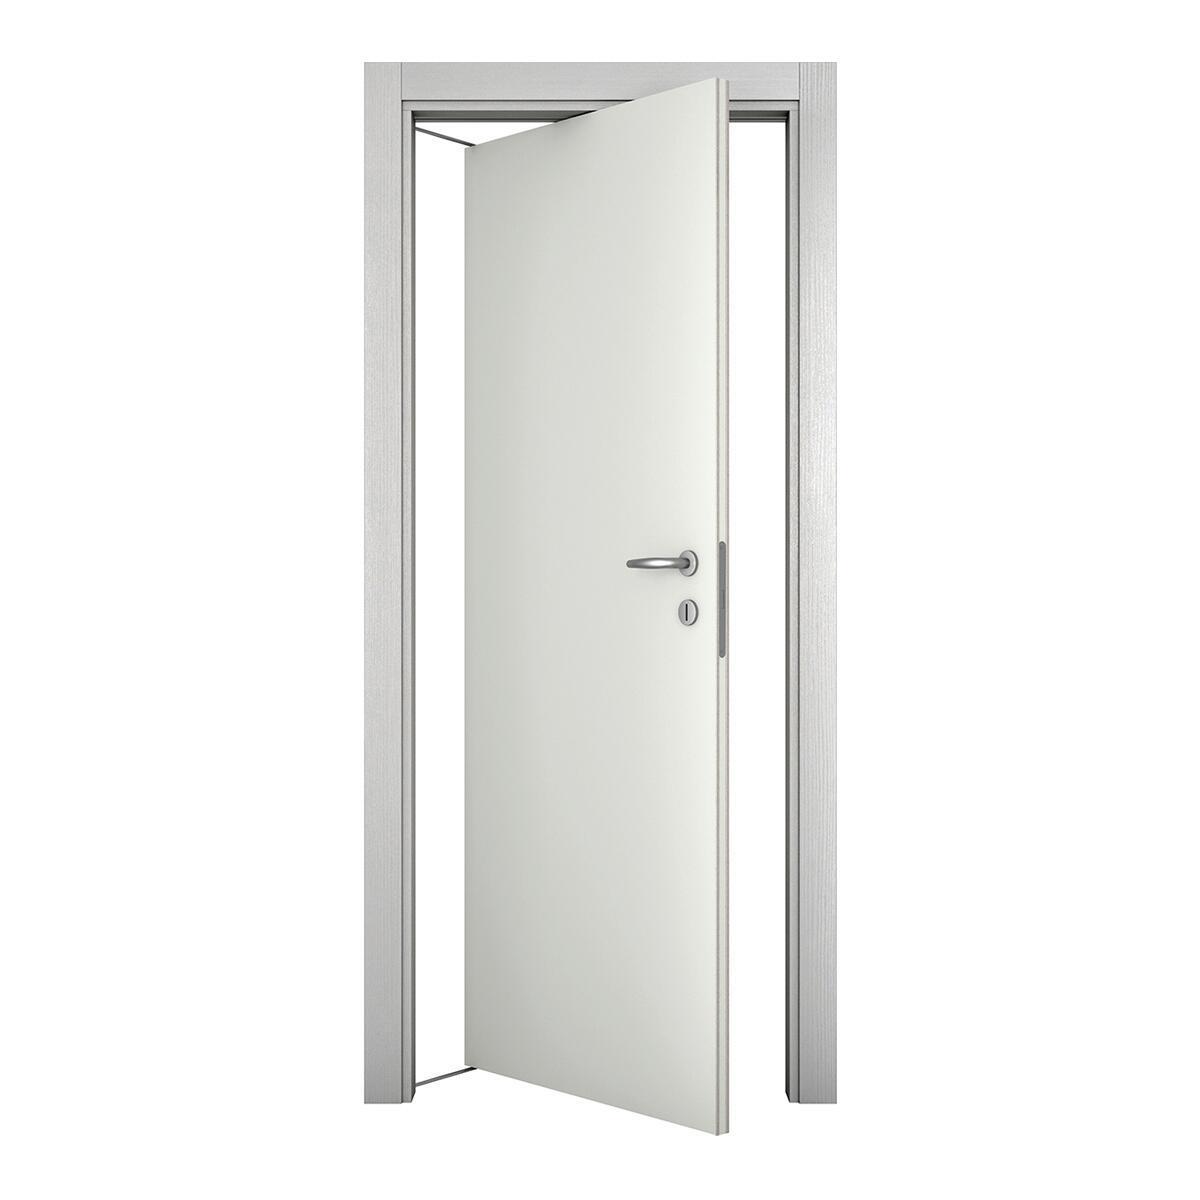 Porta rototraslante Bath bianco laccato L 70 x H 210 cm sinistra